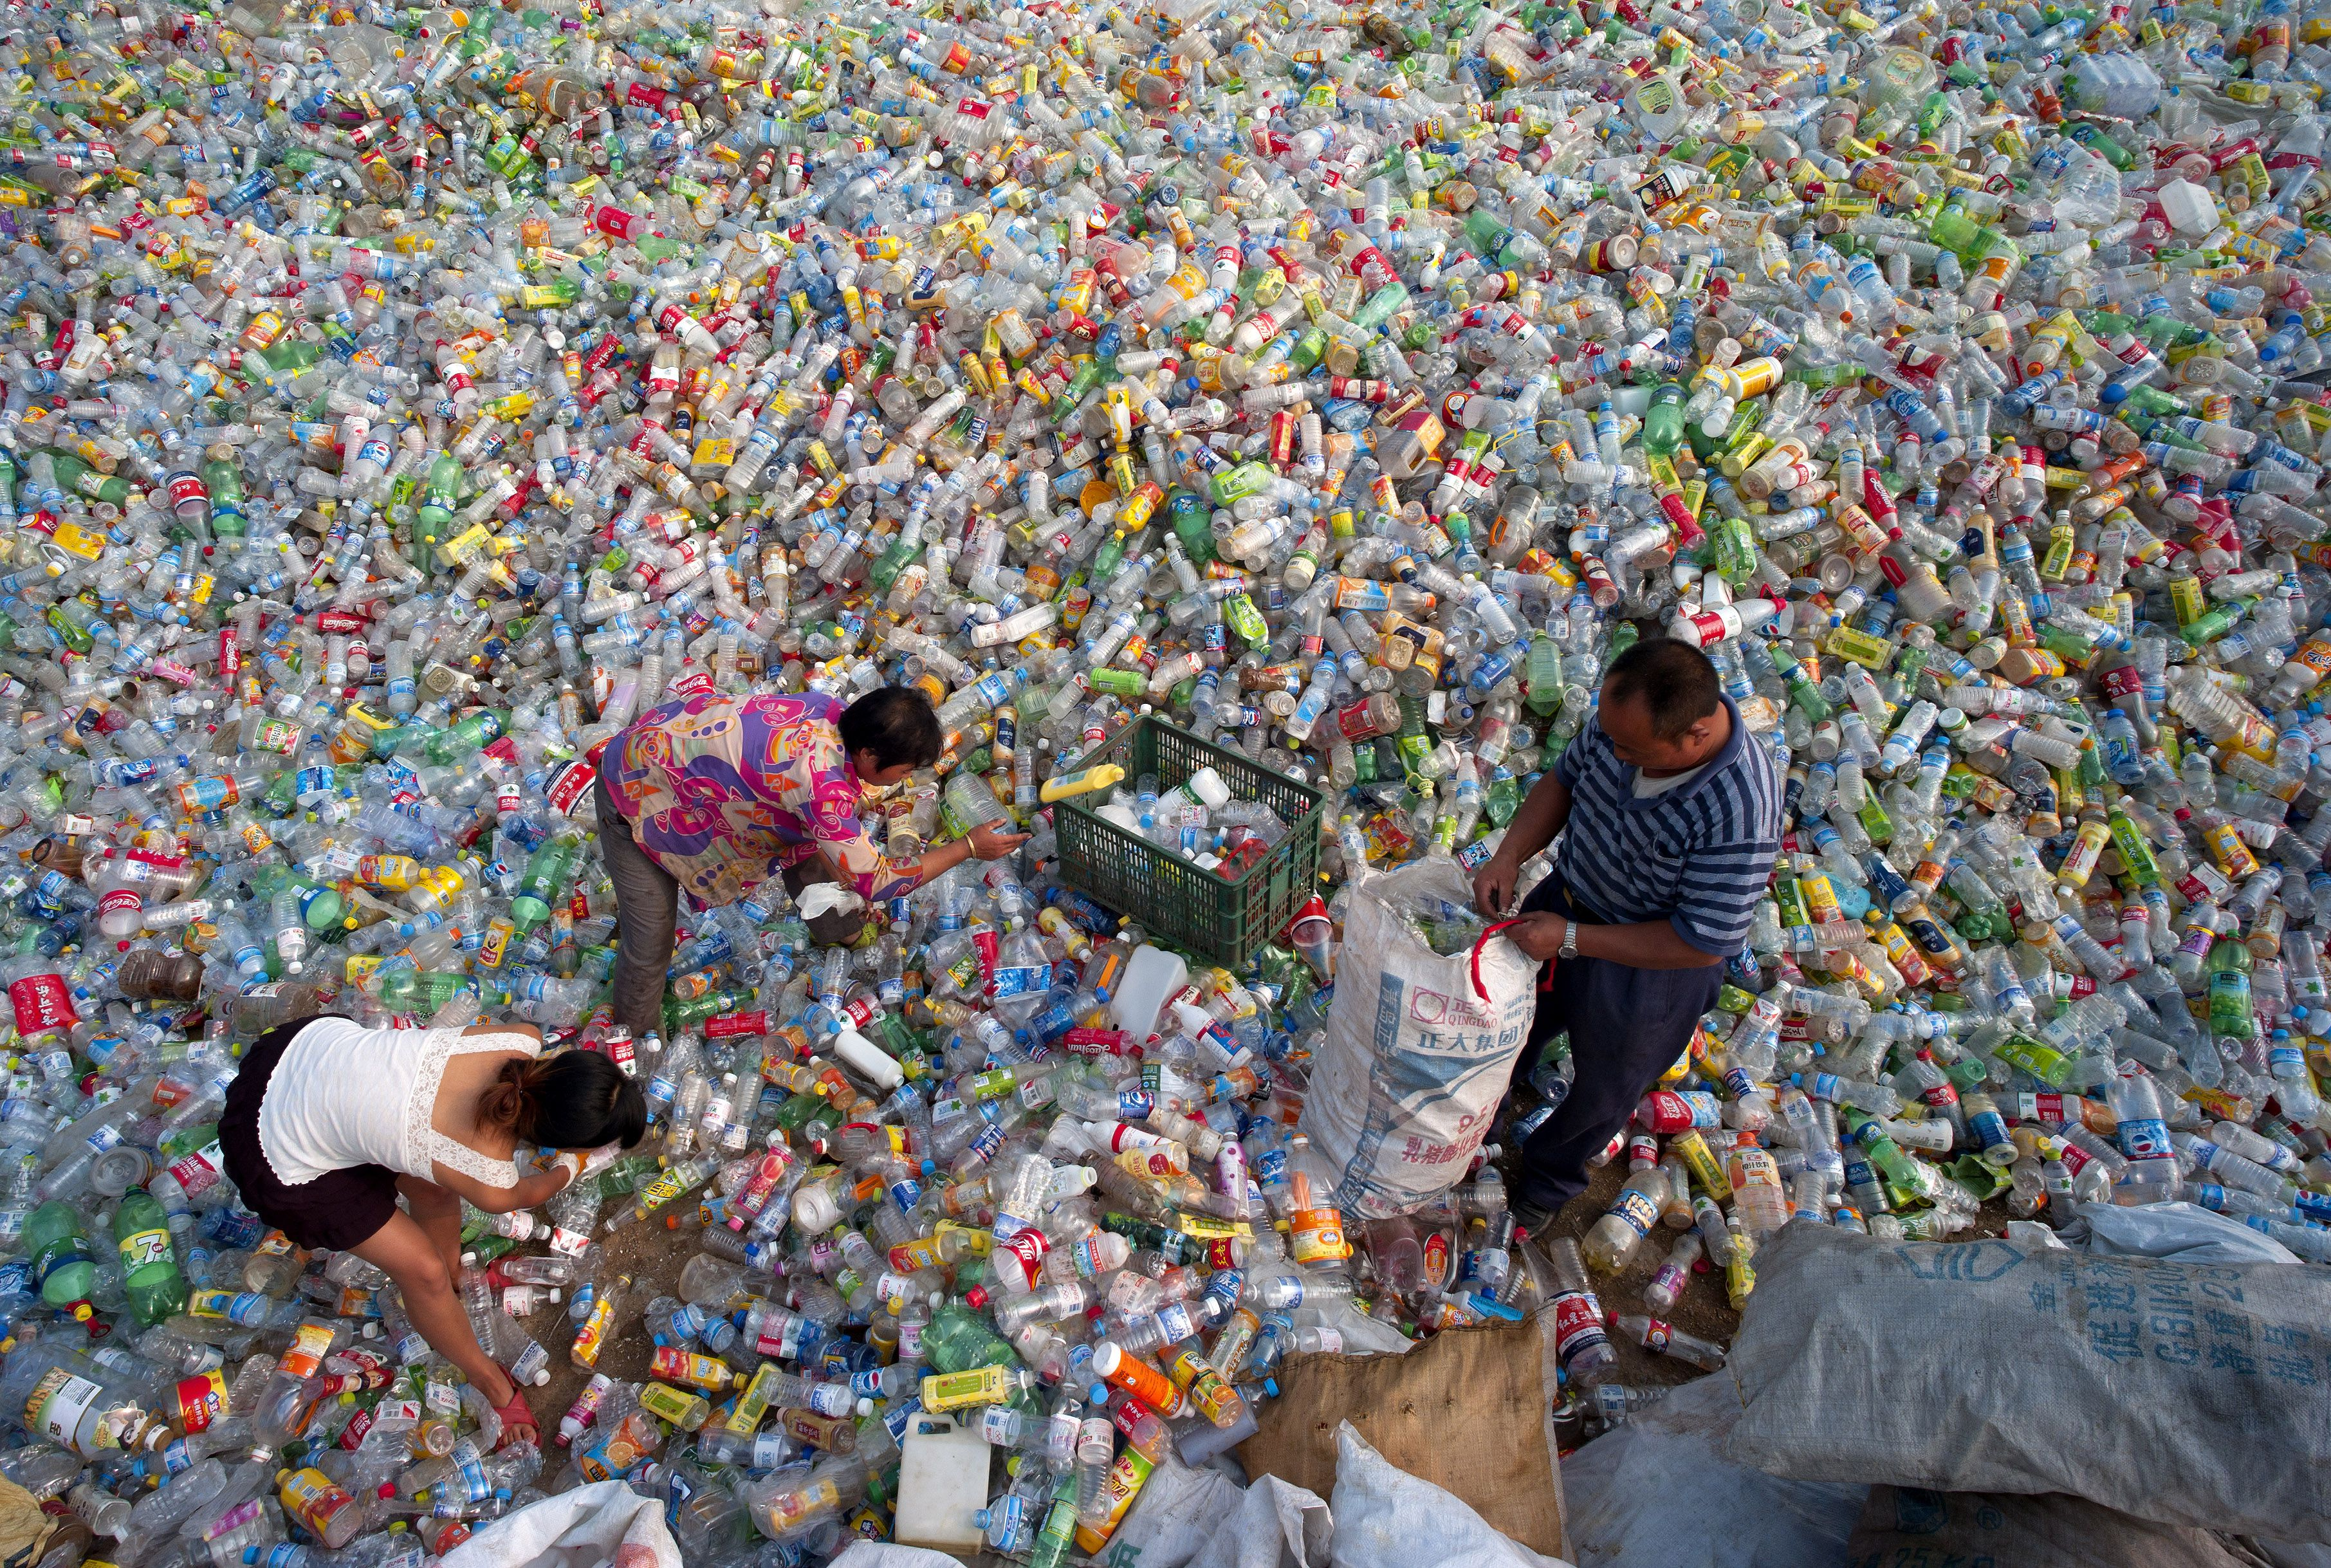 Depósito de recuperación de botellas de plástico